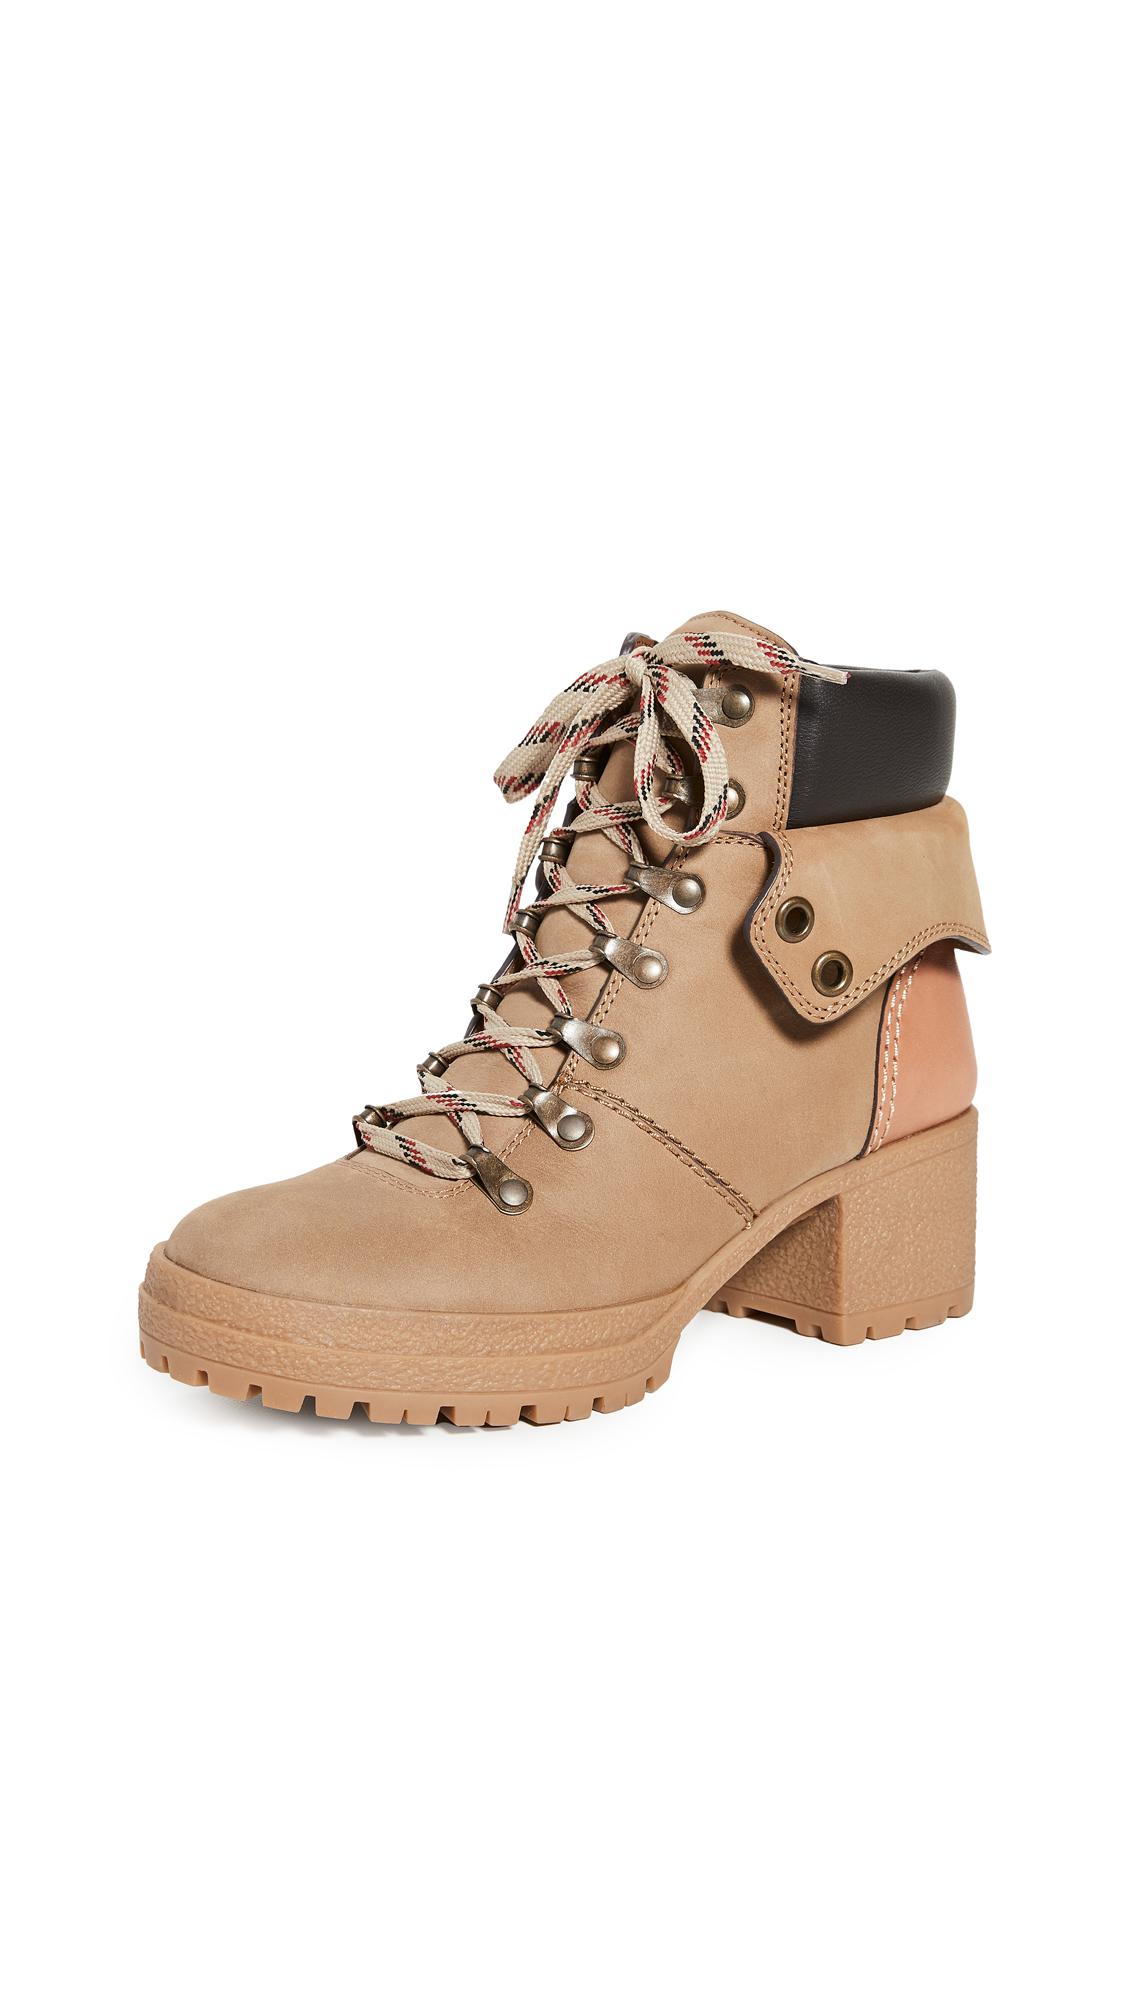 Buy See by Chloe Eileen Mid Heel Booties online, shop See by Chloe